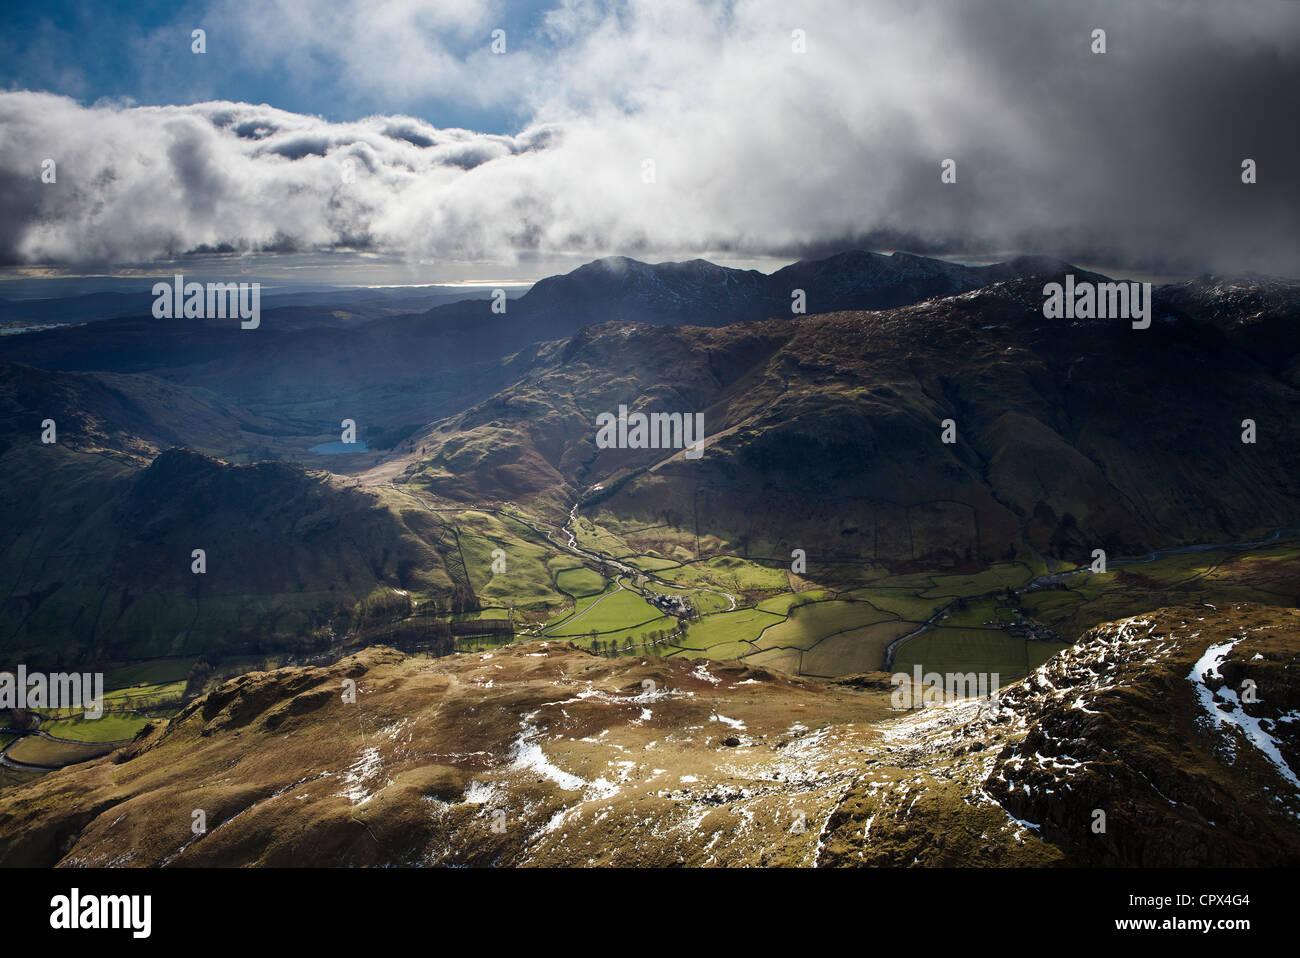 Langdale du pic de Harrison Stickle, Langdale Pikes, Lakes District National Park, Cumbria, Angleterre Banque D'Images